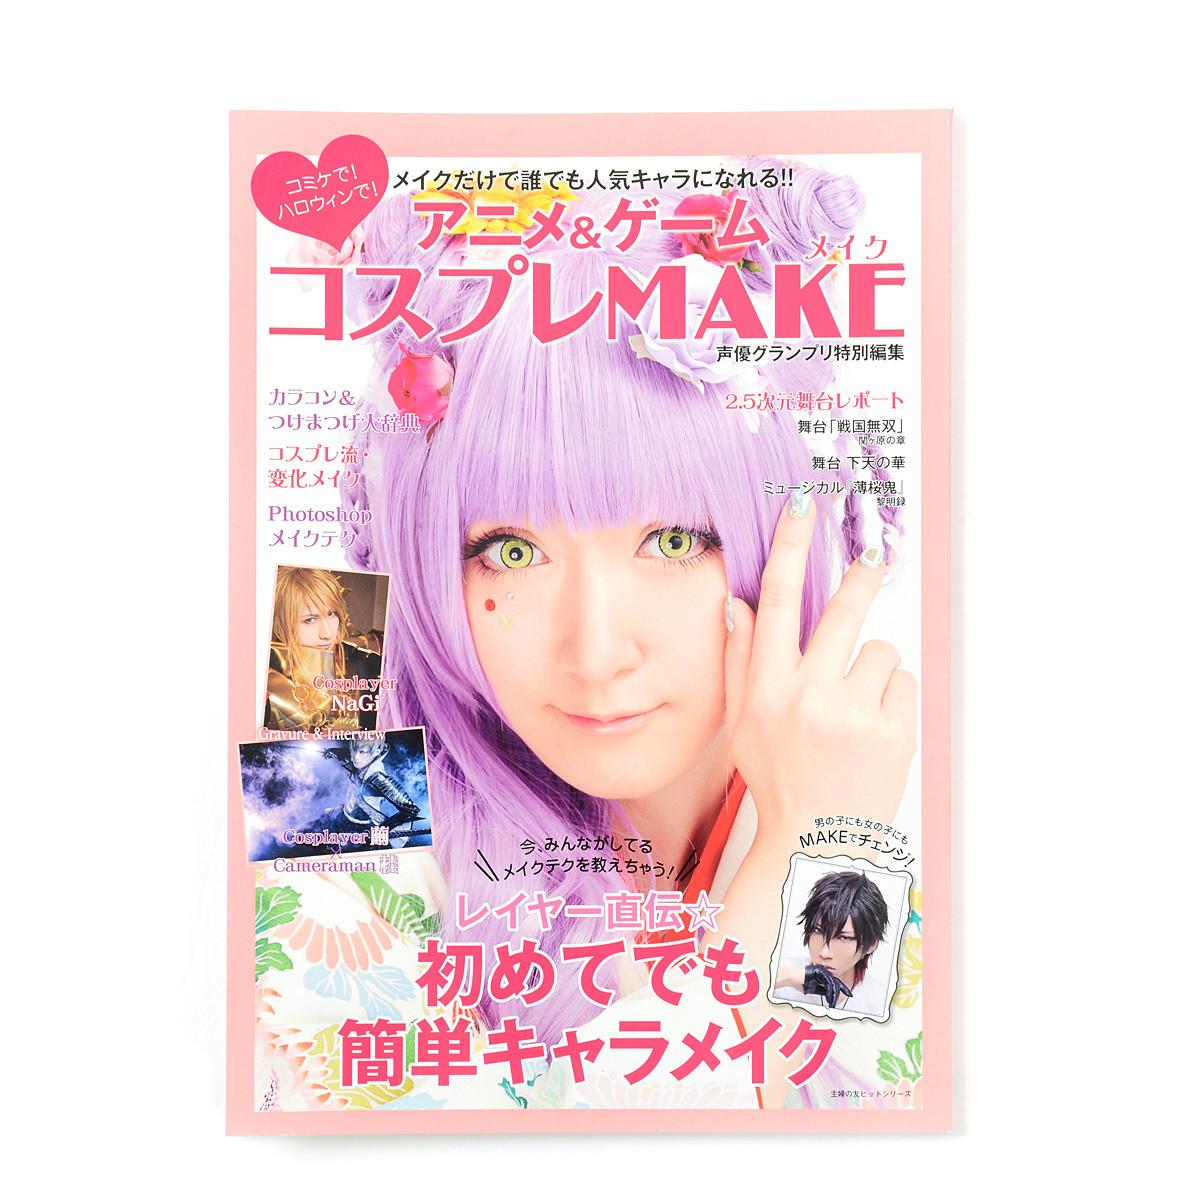 Anime & Game Cosplay Makeup - Tokyo Otaku Mode Shop Anime & Game Cosplay Makeup - 웹